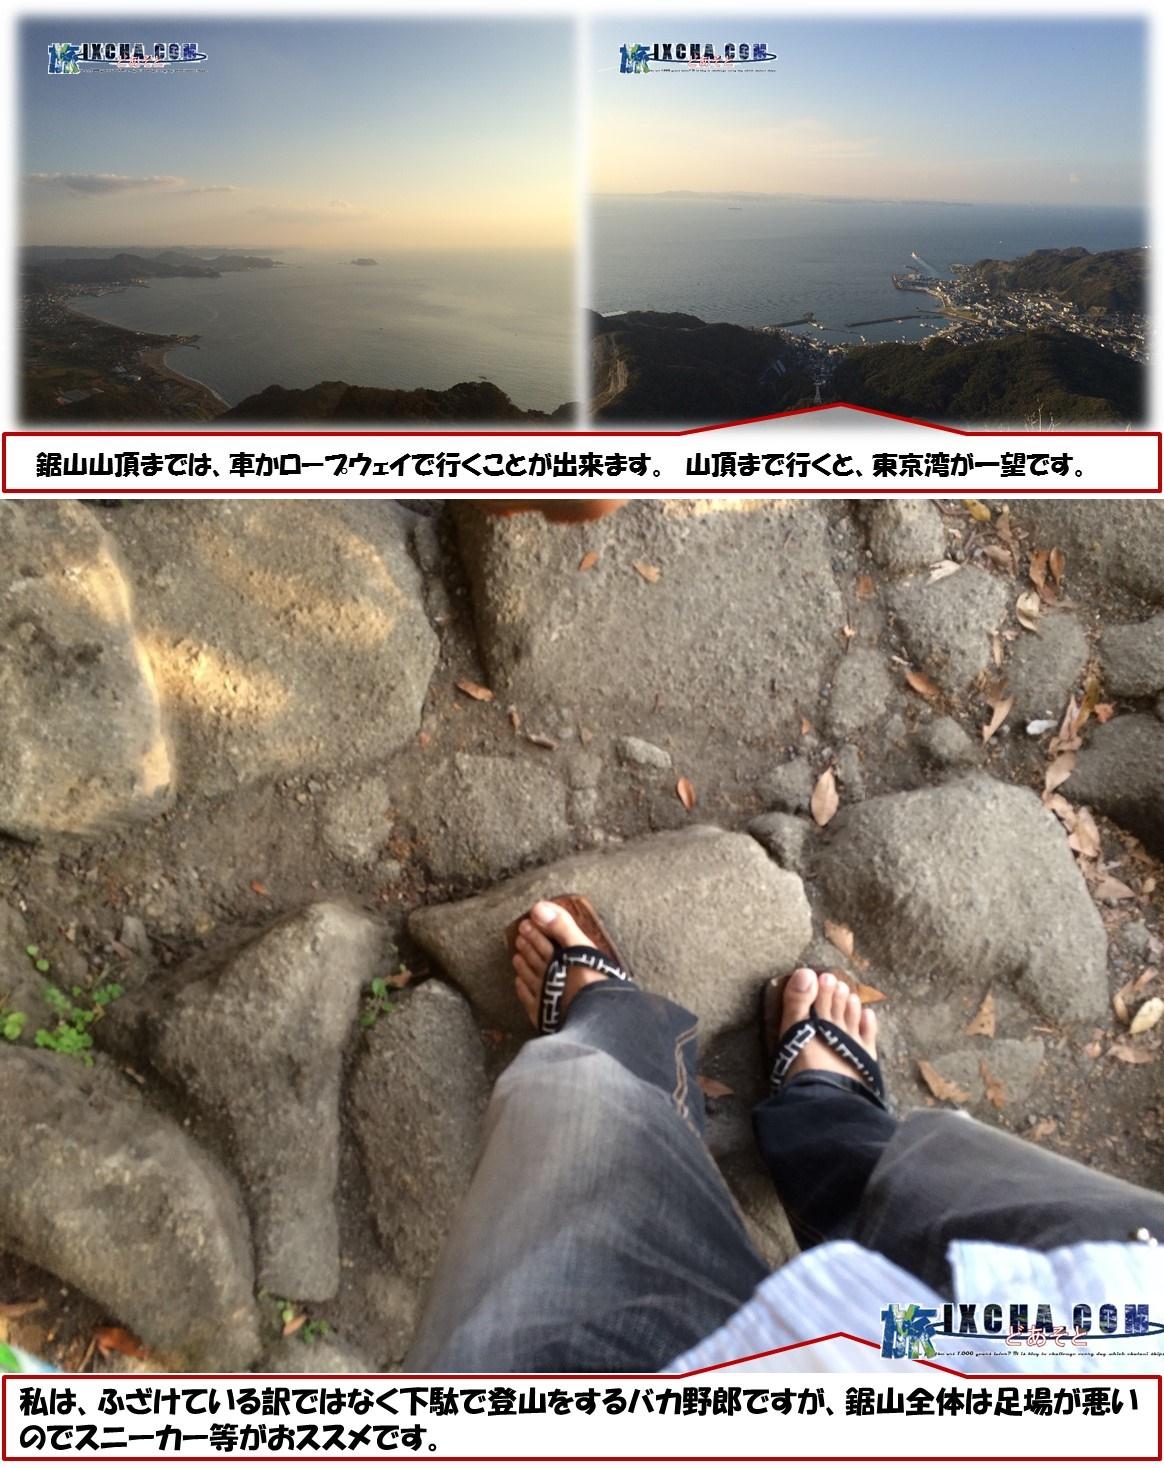 鋸山山頂までは、車かロープウェイで行くことが出来ます。 山頂まで行くと、東京湾が一望です。 私は、ふざけている訳ではなく下駄で登山をするバカ野郎ですが、鋸山全体は足場が悪いのでスニーカー等がおススメです。